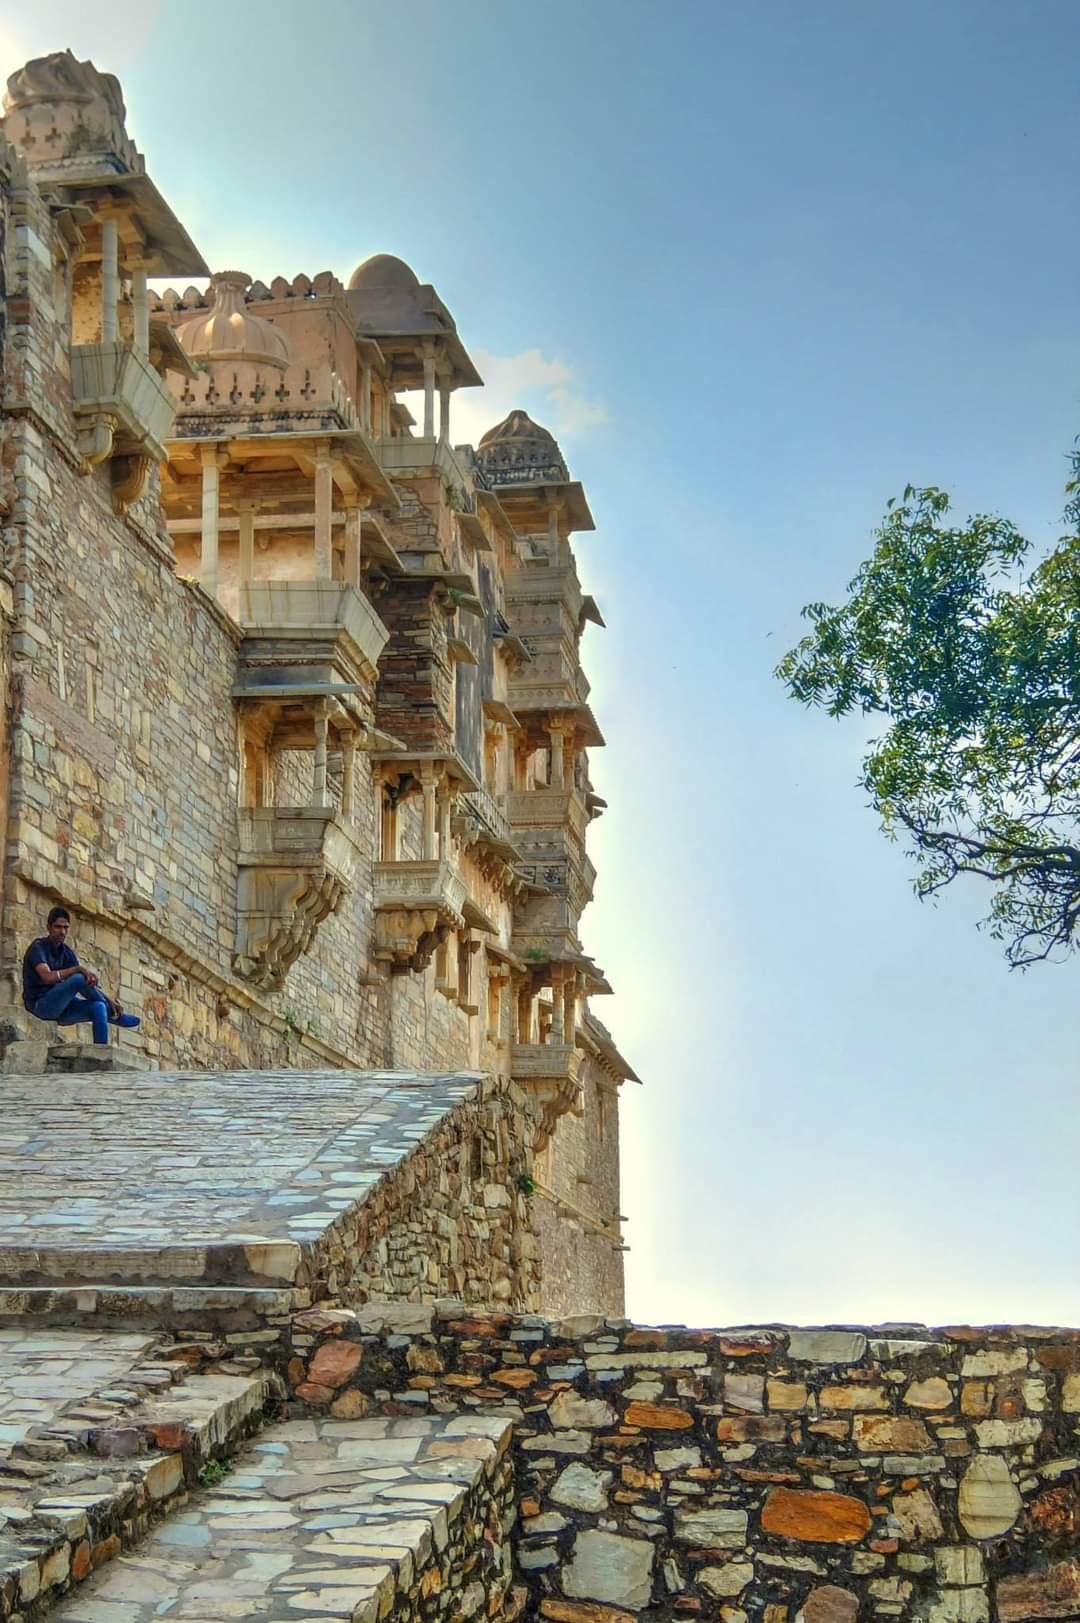 राणा कुम्भा महल, चितौड़गढ़ किला